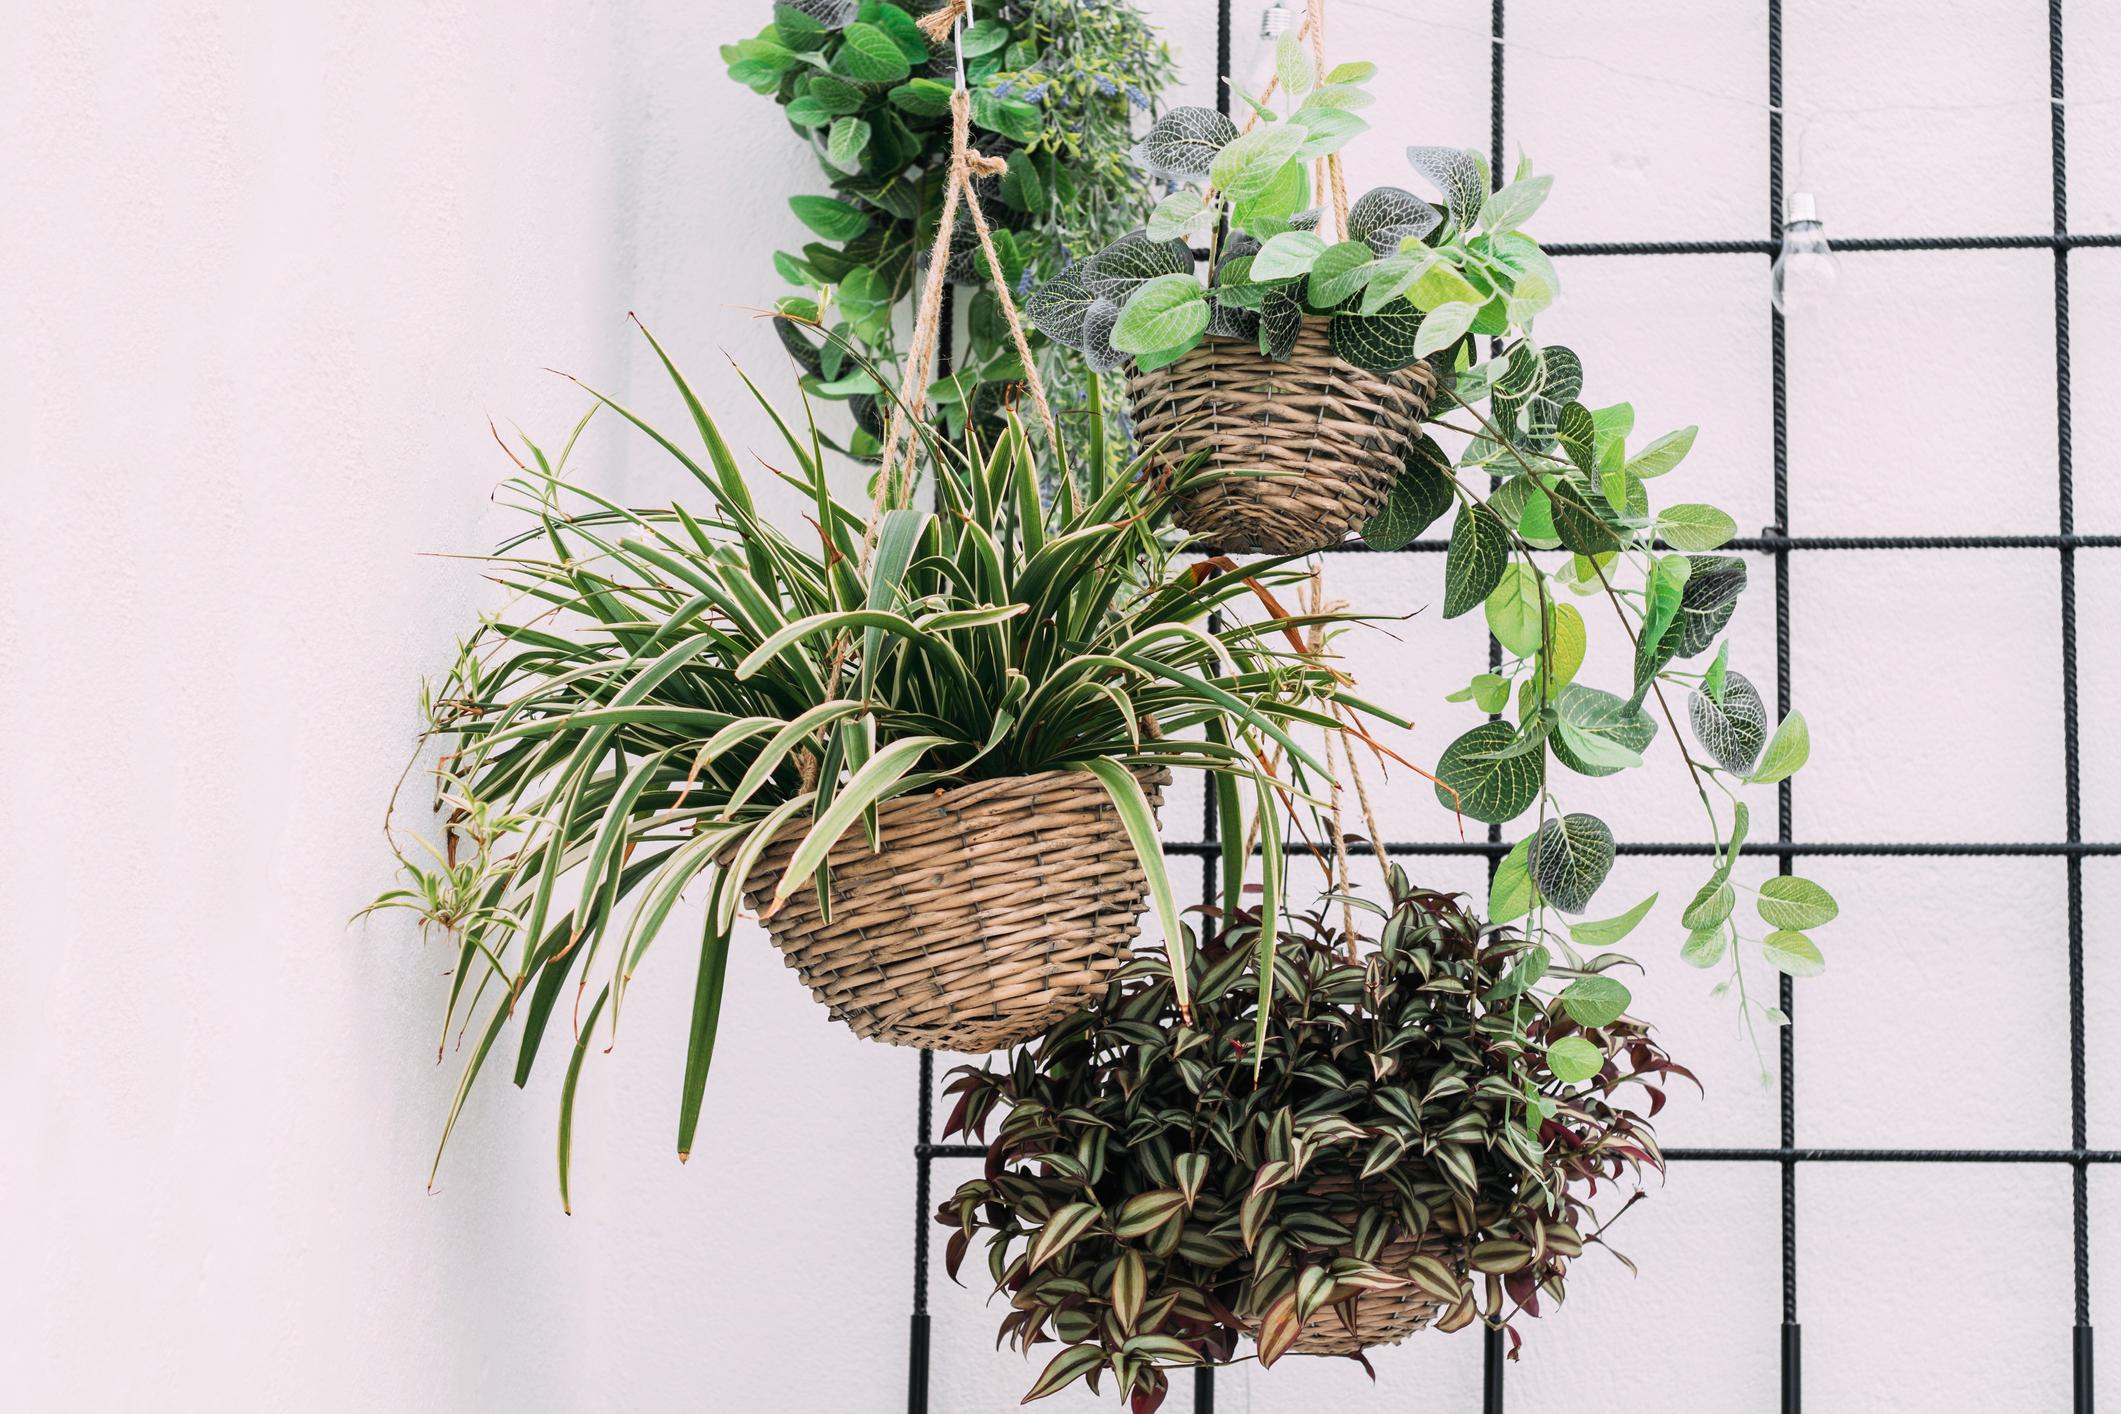 Les Filles De L Air Plante 10 plantes retombantes pour créer un rideau végétal - femmes